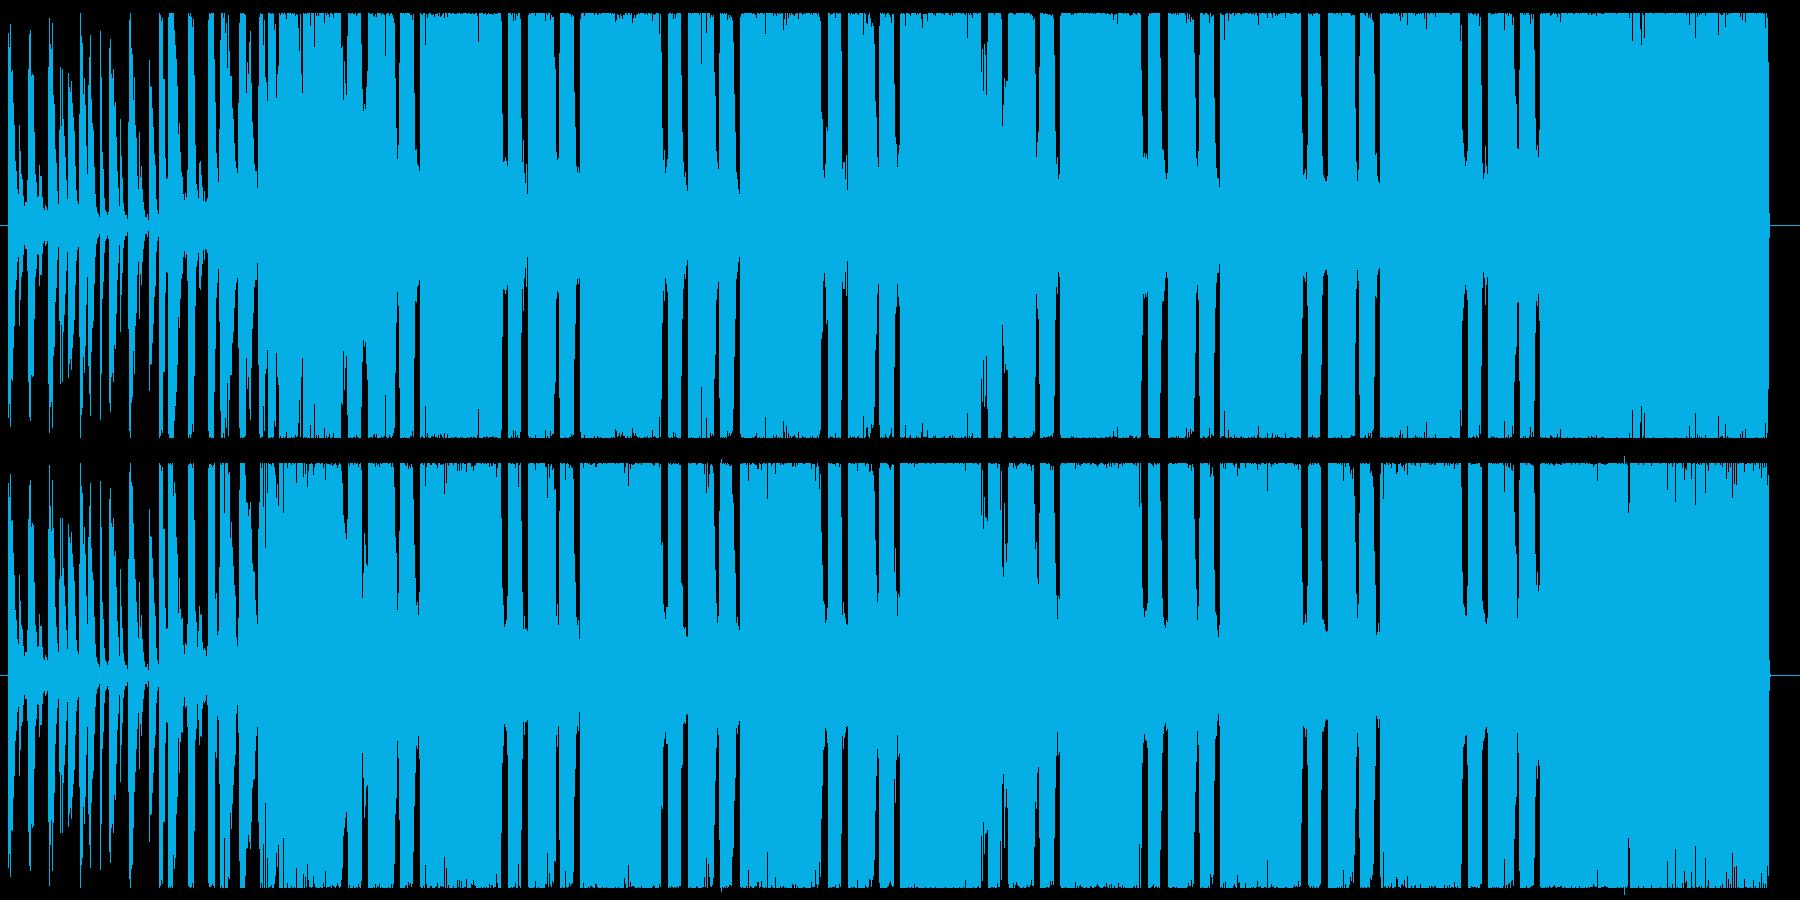 30秒ヘヴィギター&ダウンビート②の再生済みの波形